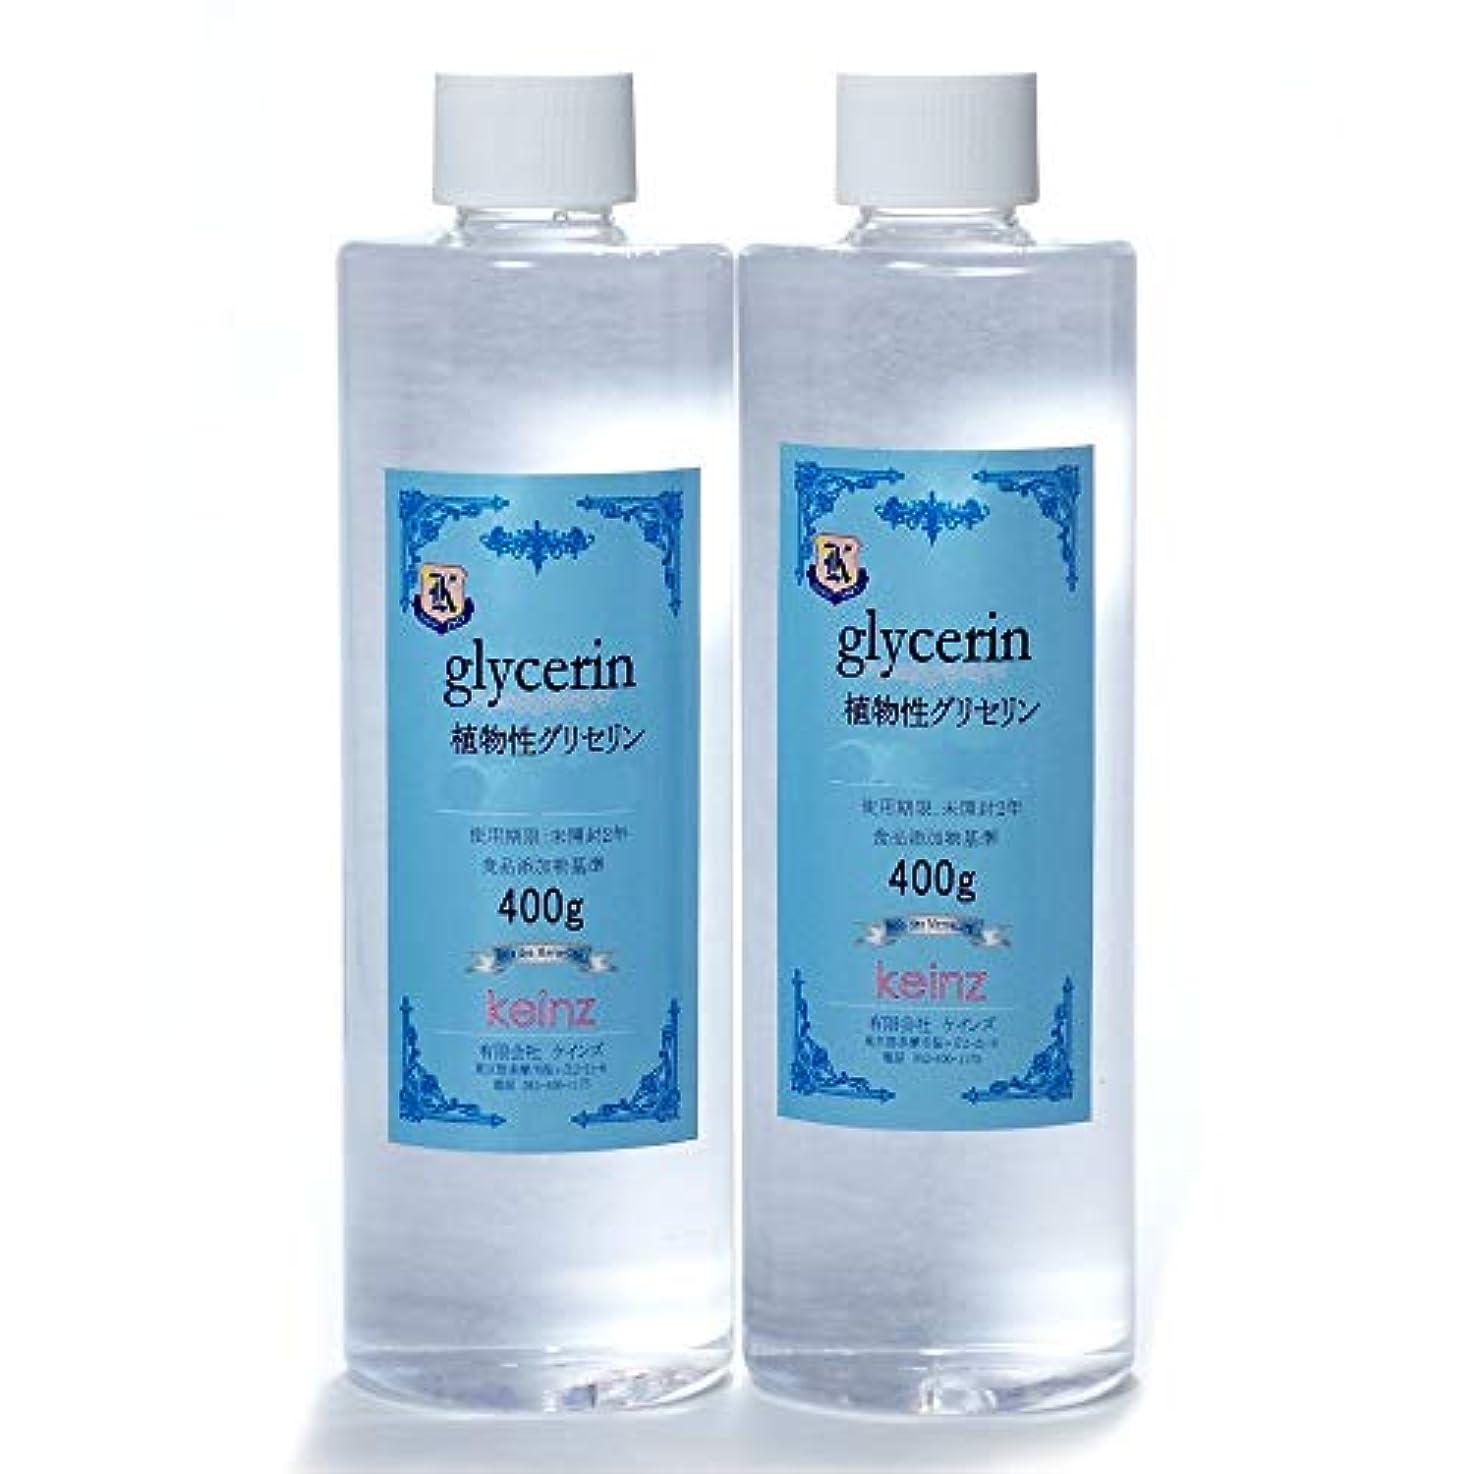 幾何学トリッキーなめるkeinz 品質の良いグリセリン 植物性 800g(400g 2本) 純度99.9~100% 化粧品材料 keinz正規品 食品添加物基準につき化粧品グレードより純度が高い。日本製